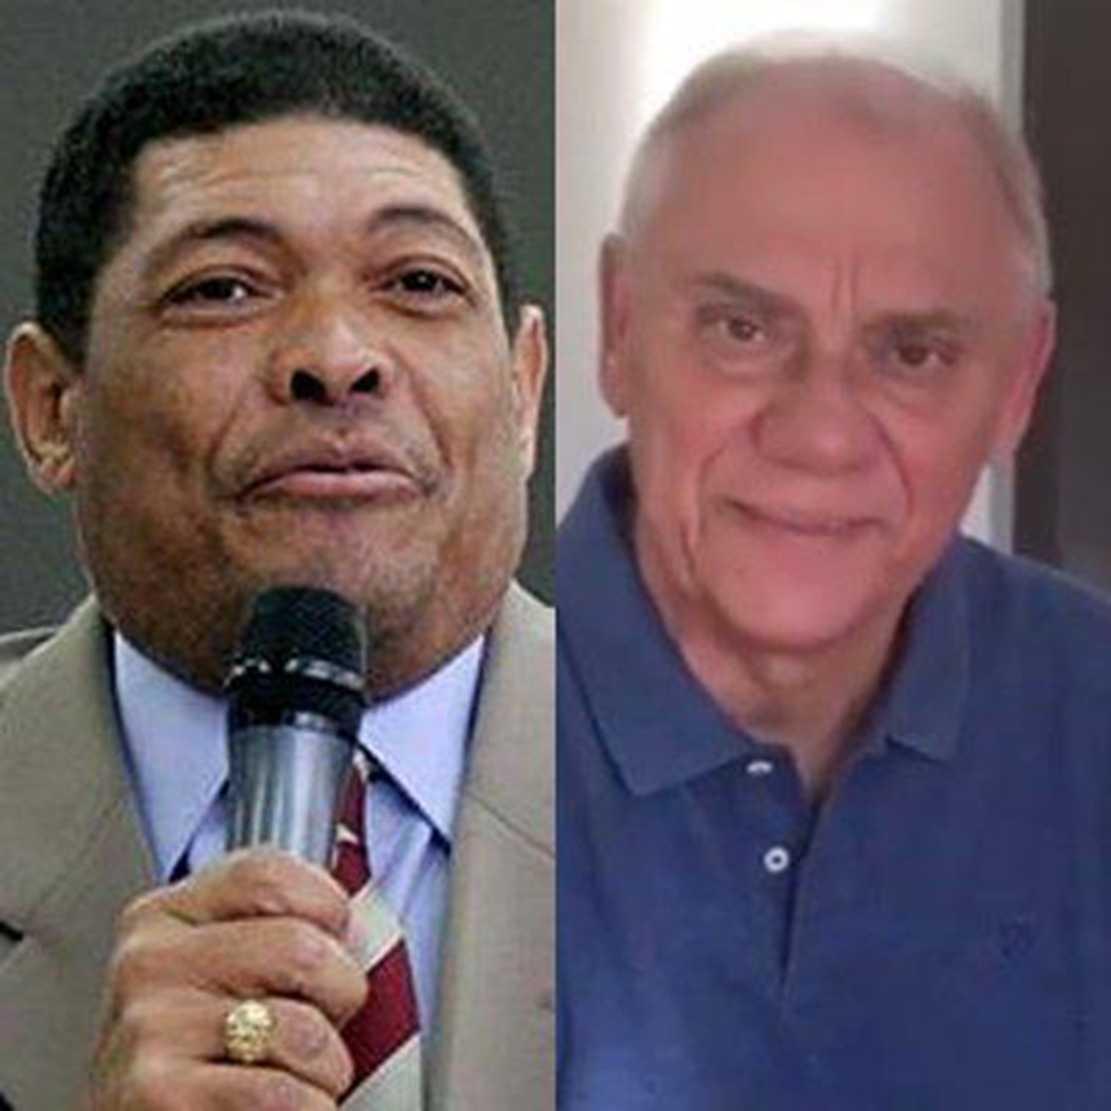 Valdemiro Santiago acusou Marcelo Rezende e repercutiu nas redes sociais (Imagem: Divulgação)